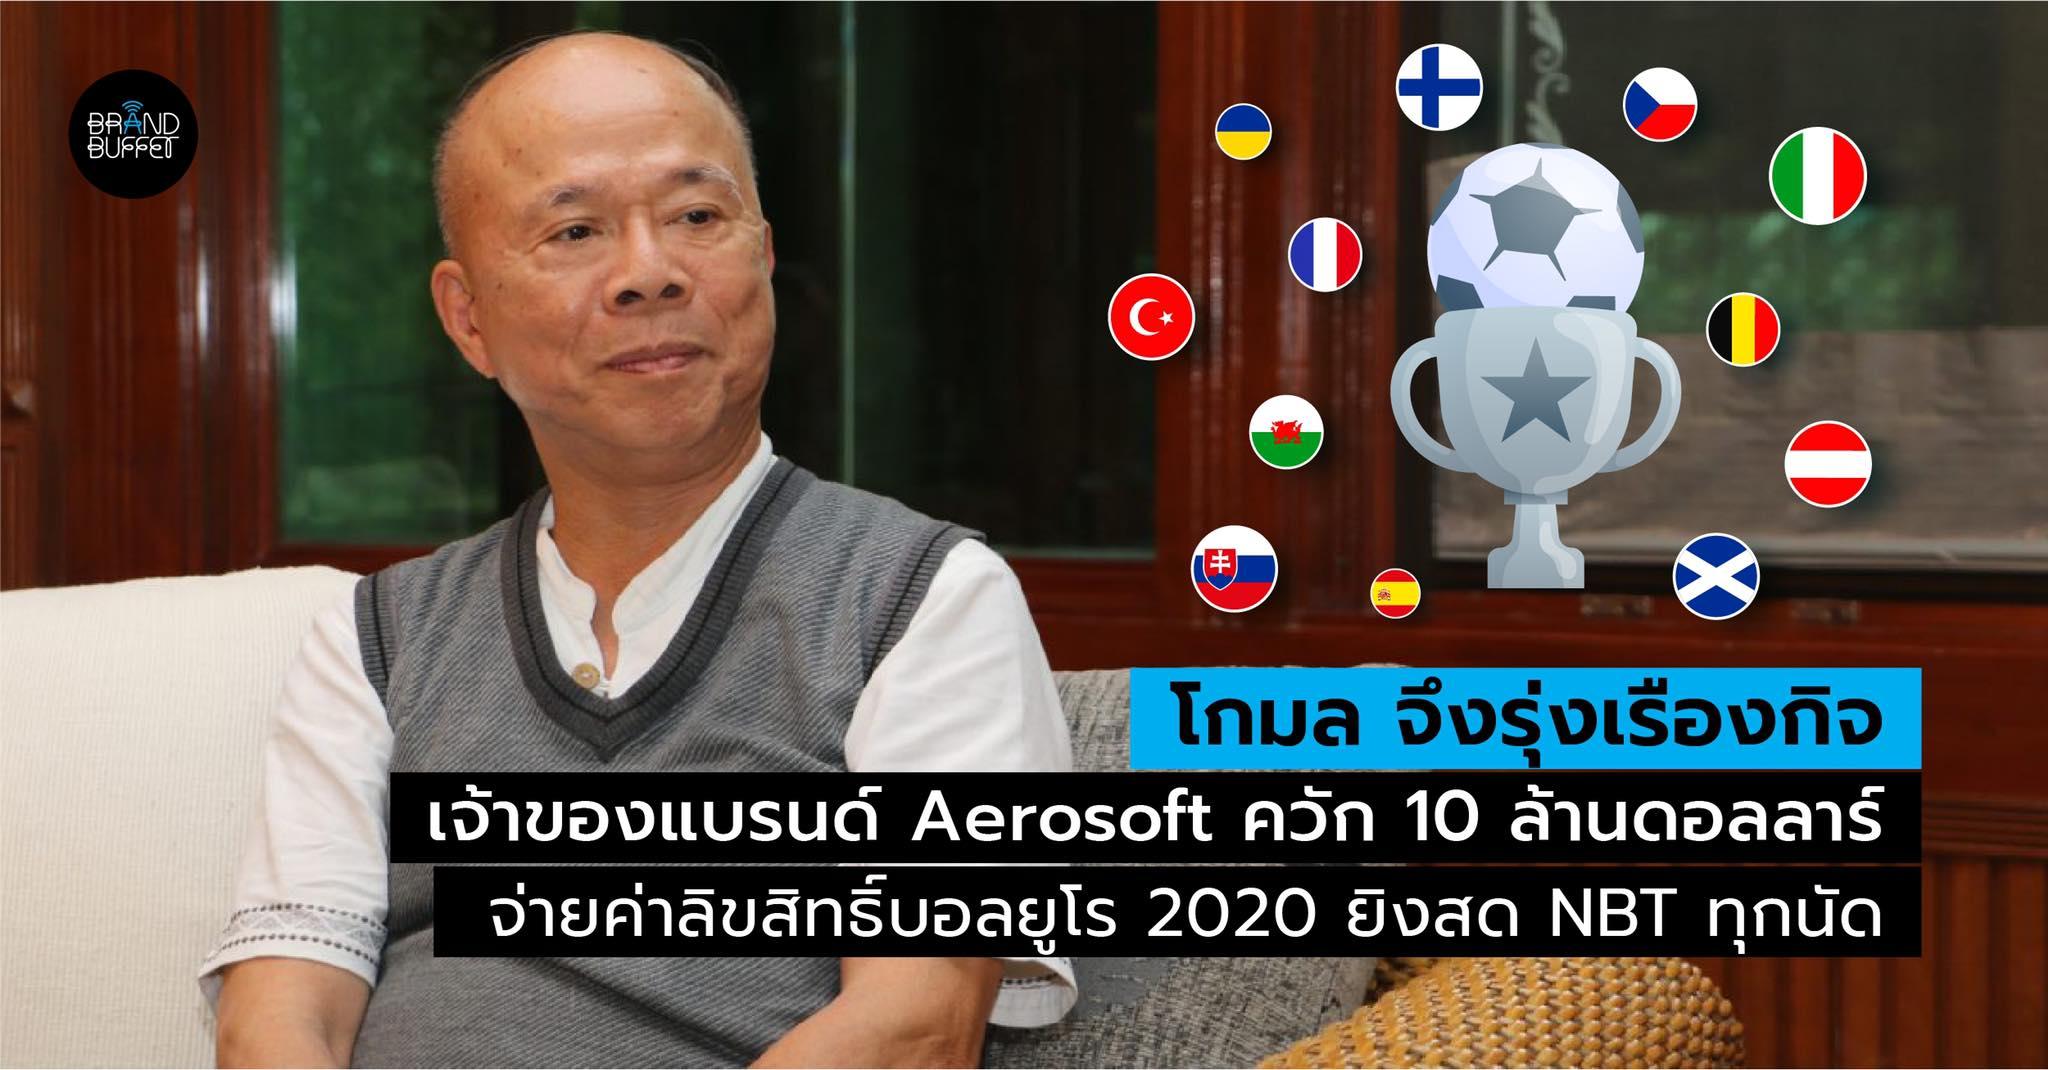 โกมล จึงรุ่งเรืองกิจ Euro 2020 Aerosoft